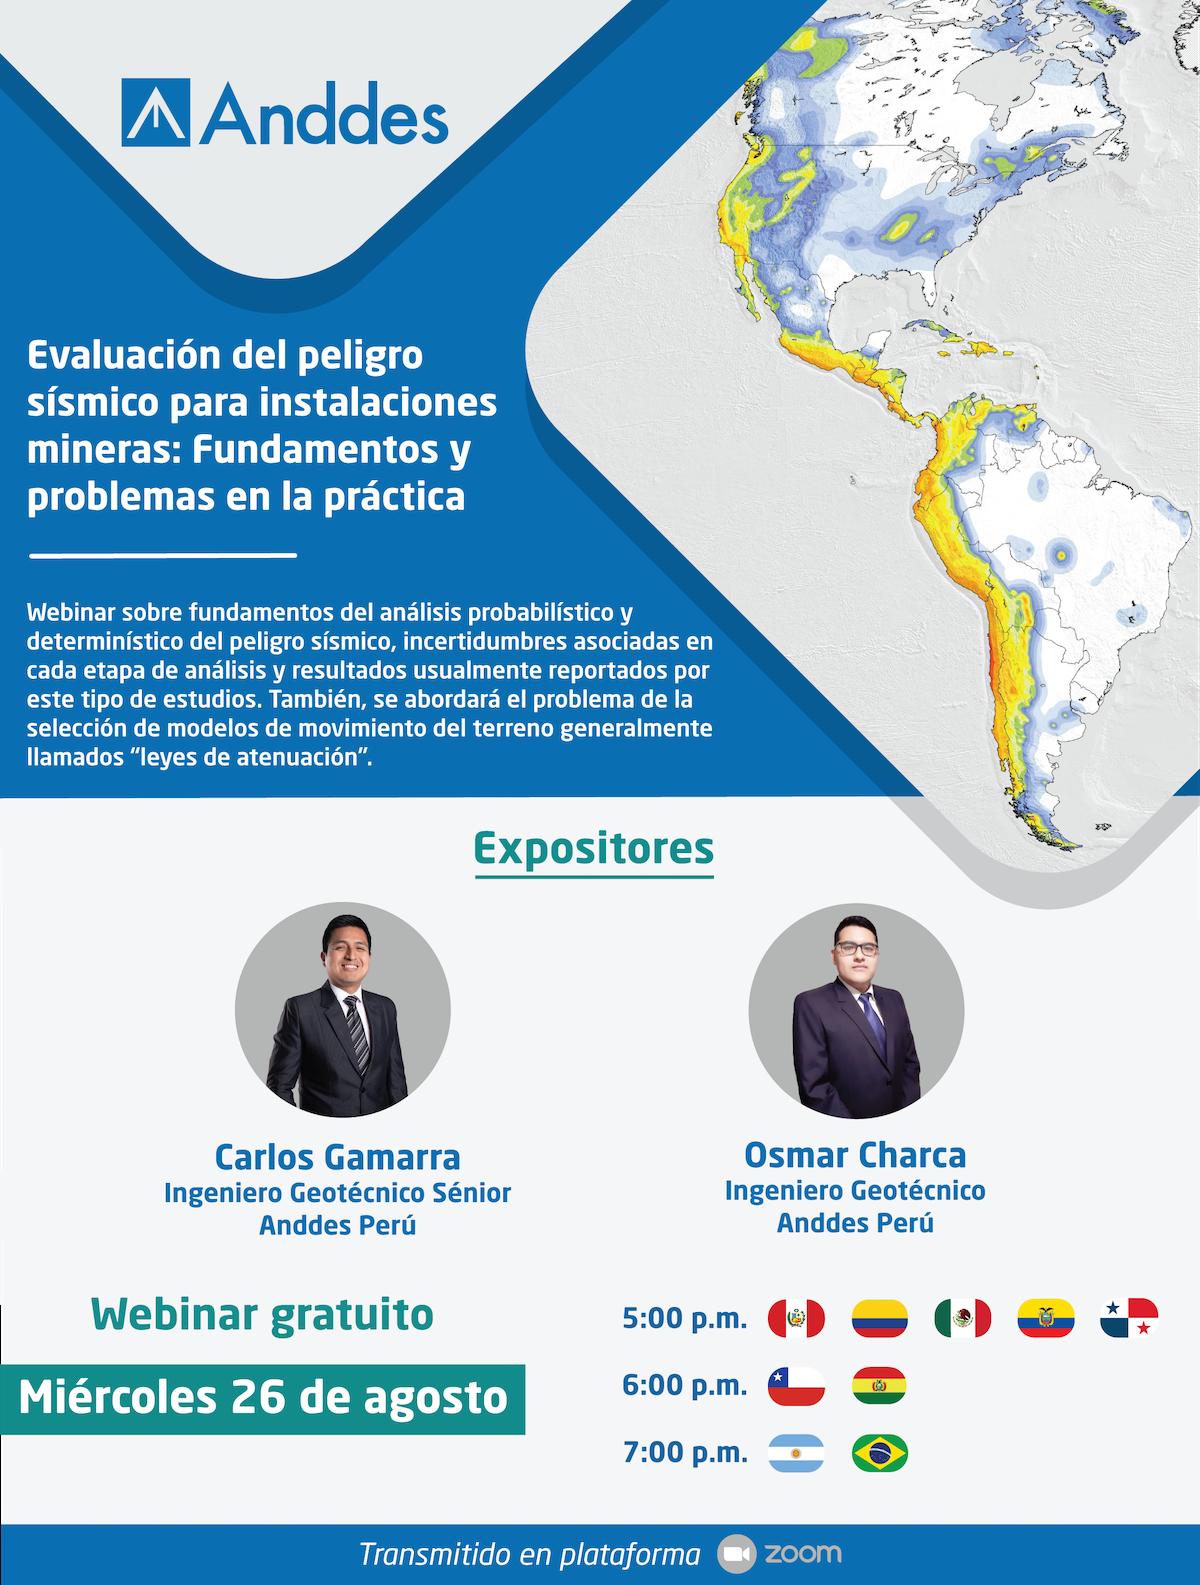 Evaluación del peligro sísmico para instalaciones mineras: Fundamentos y problemas en la práctica